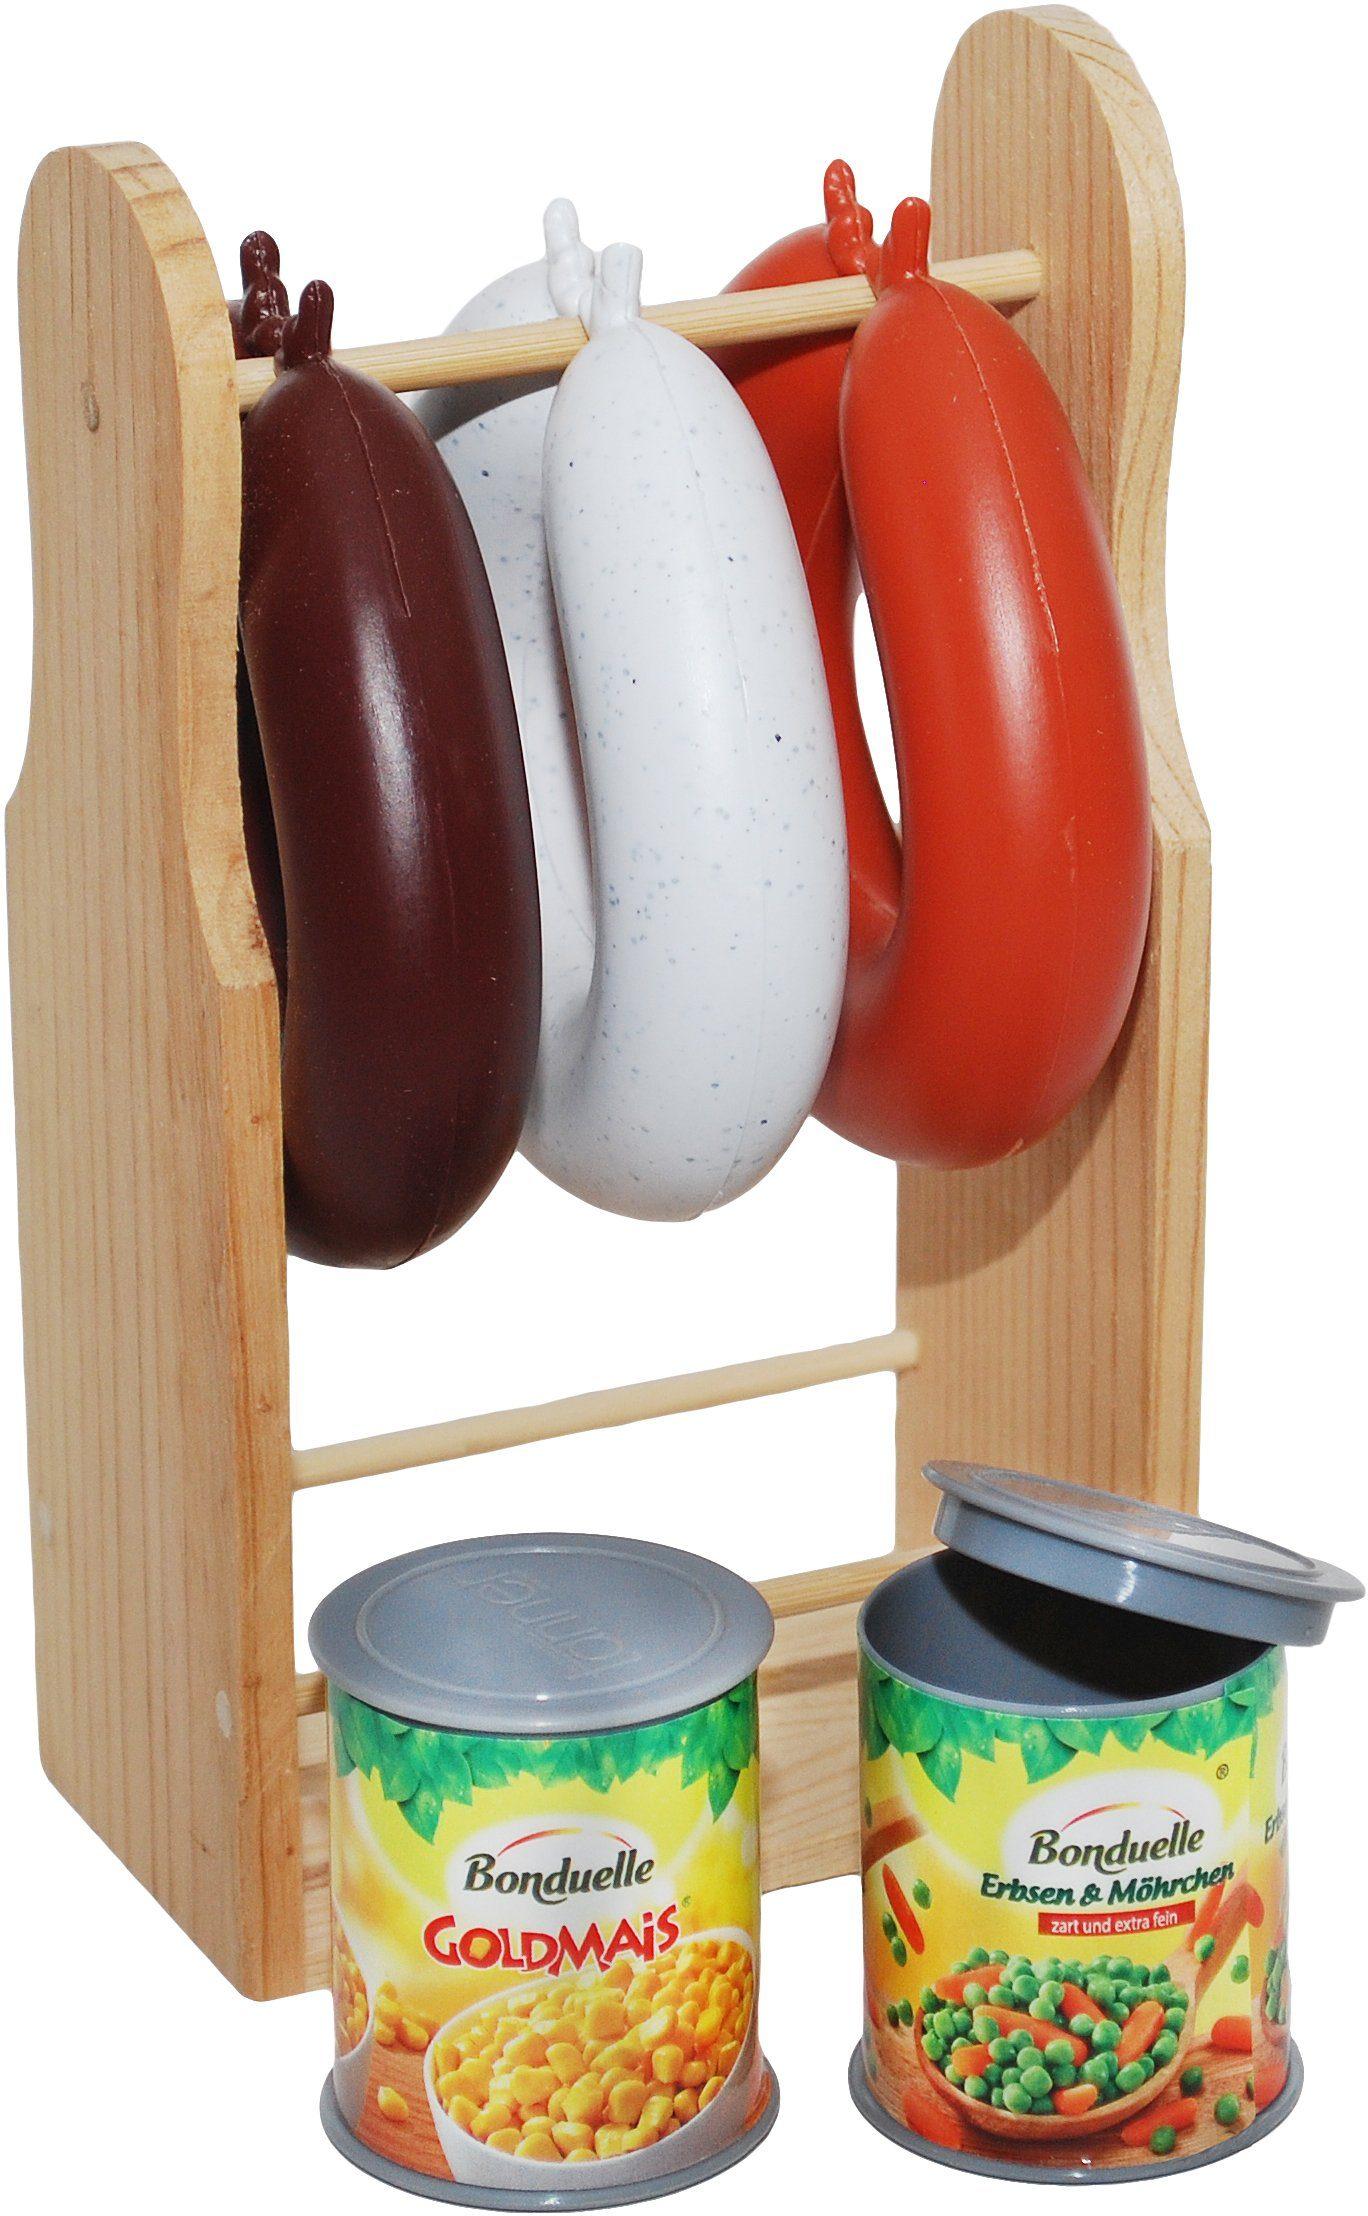 Tanner Spiellebensmittel, »Wurstständer, 3 Würste, 2 Gemüse Dosen«